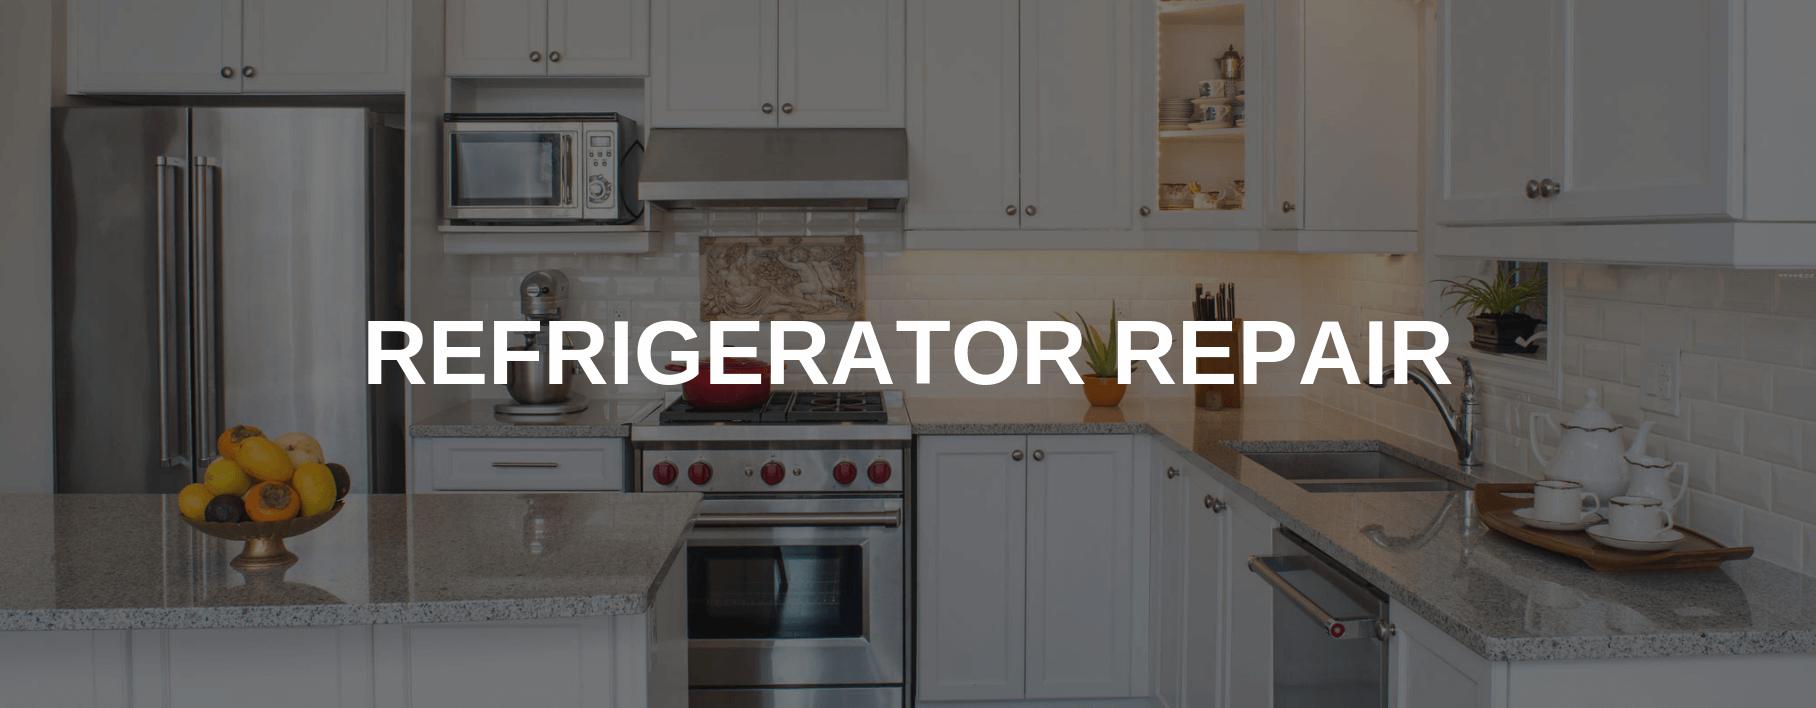 refrigerator repair cary